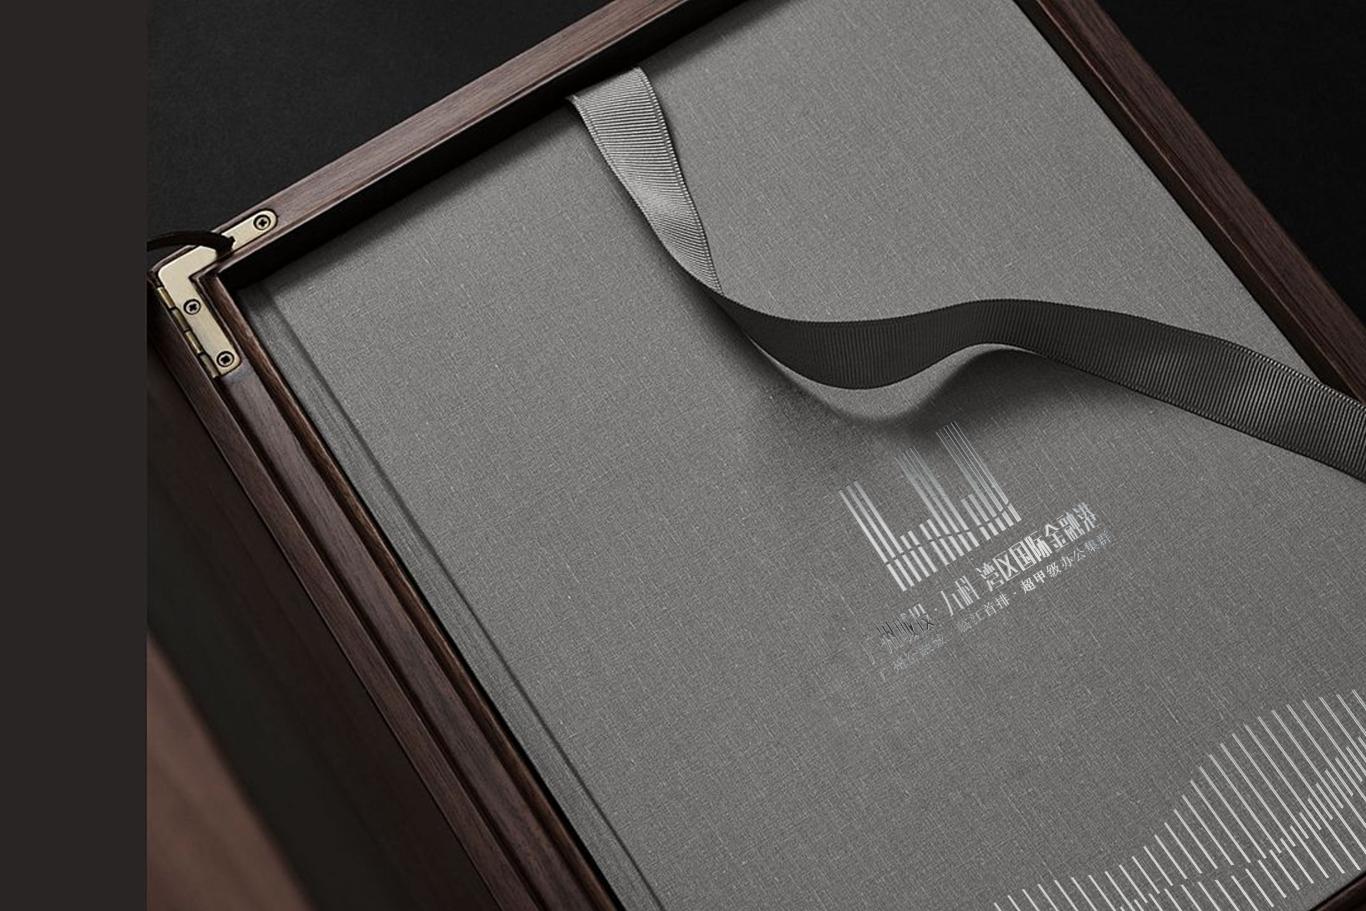 广州城投·万科 湾区国际经融港/品牌包装 VI视觉识别系统设计 地产logo设计图10